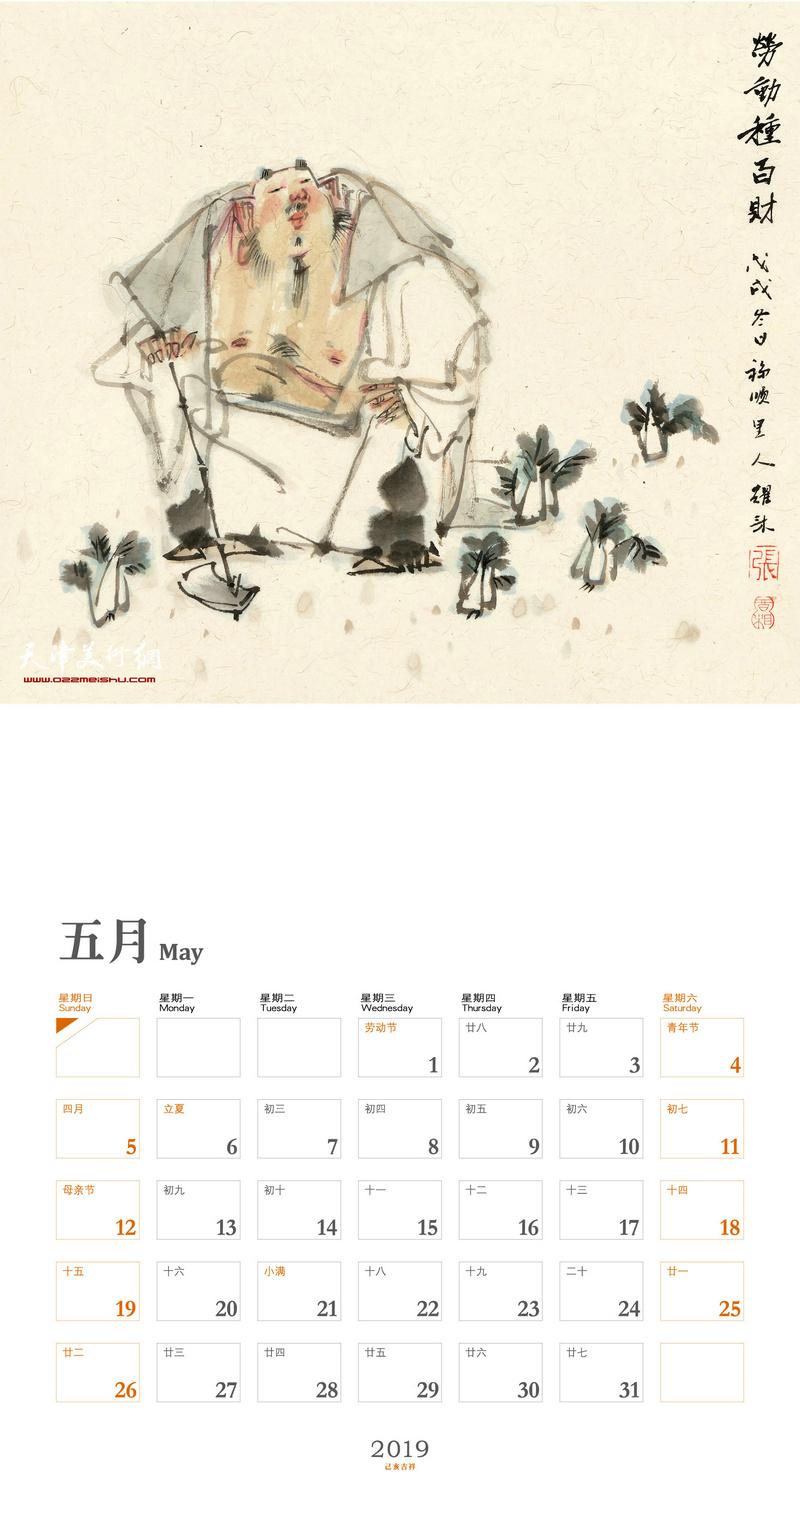 2019己亥吉祥 五月 张耀来作品:劳动种百财